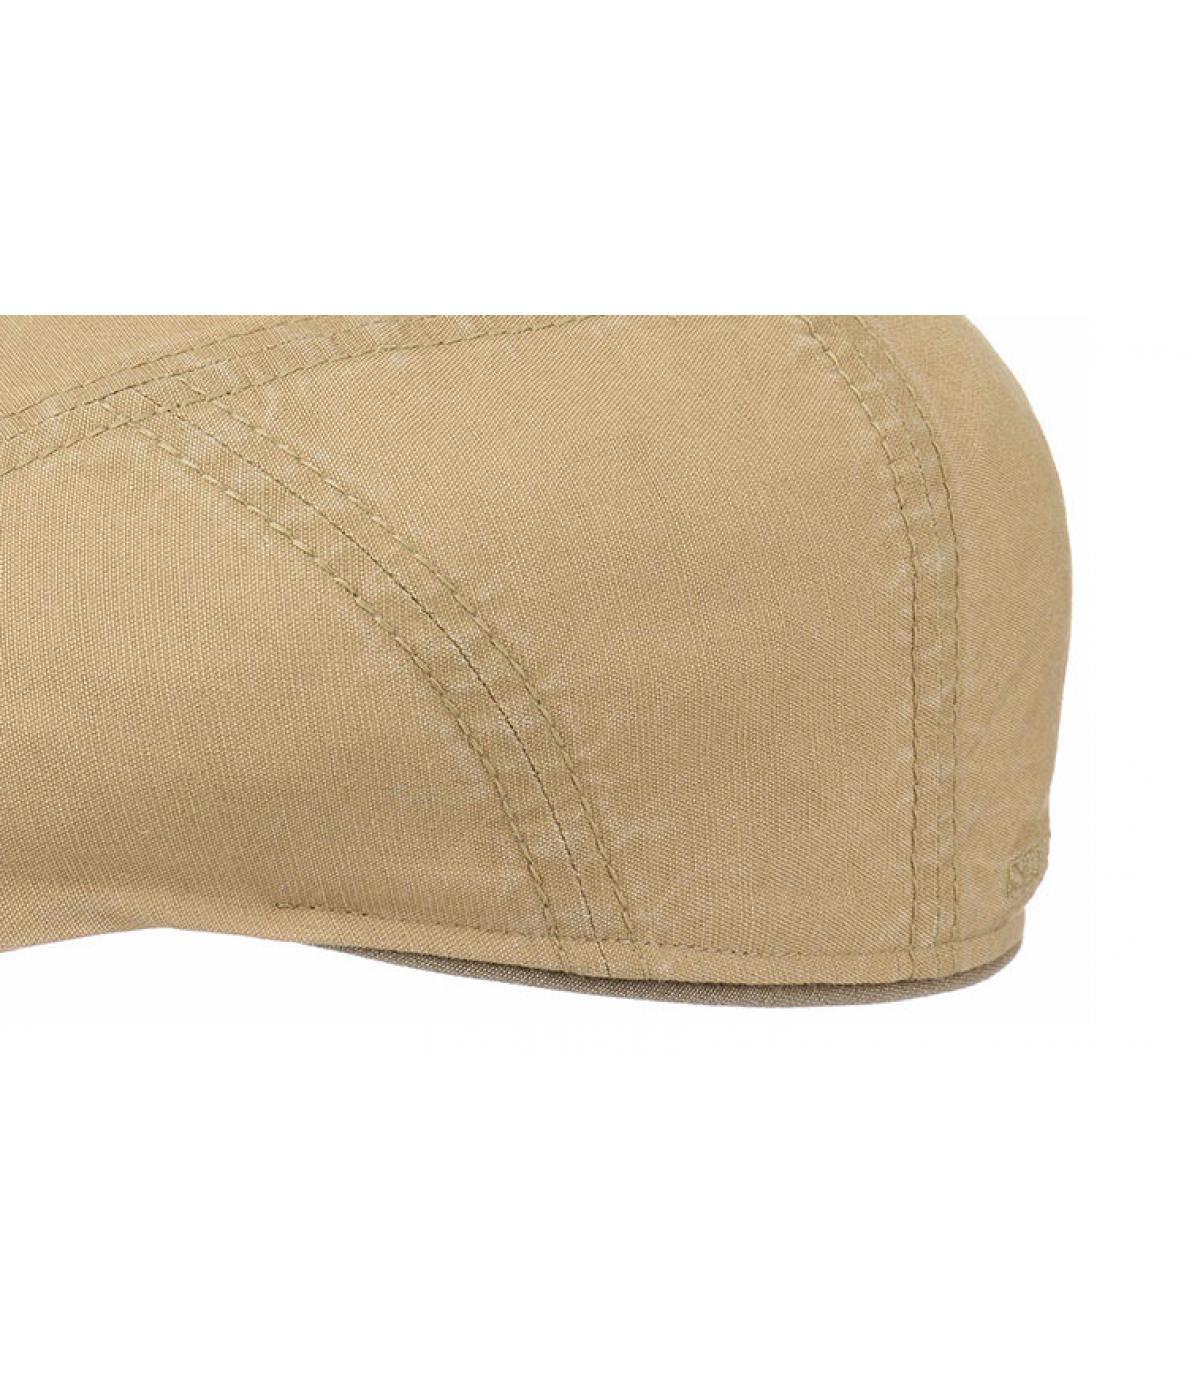 Détails Ivy cap coton lin beige - image 3